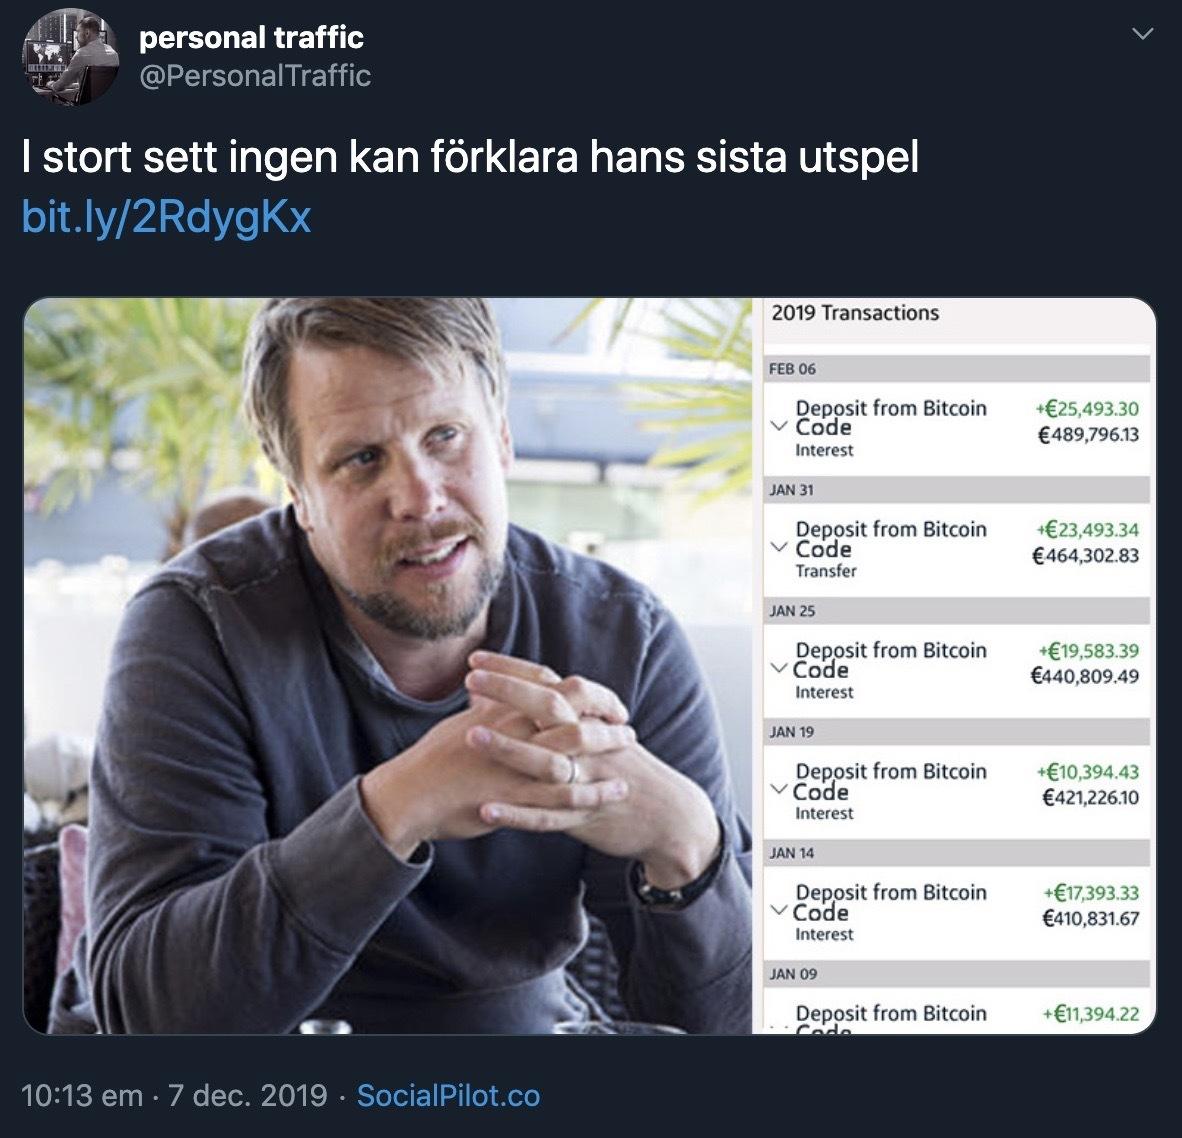 Bedrägeri som sprids i sociala medier